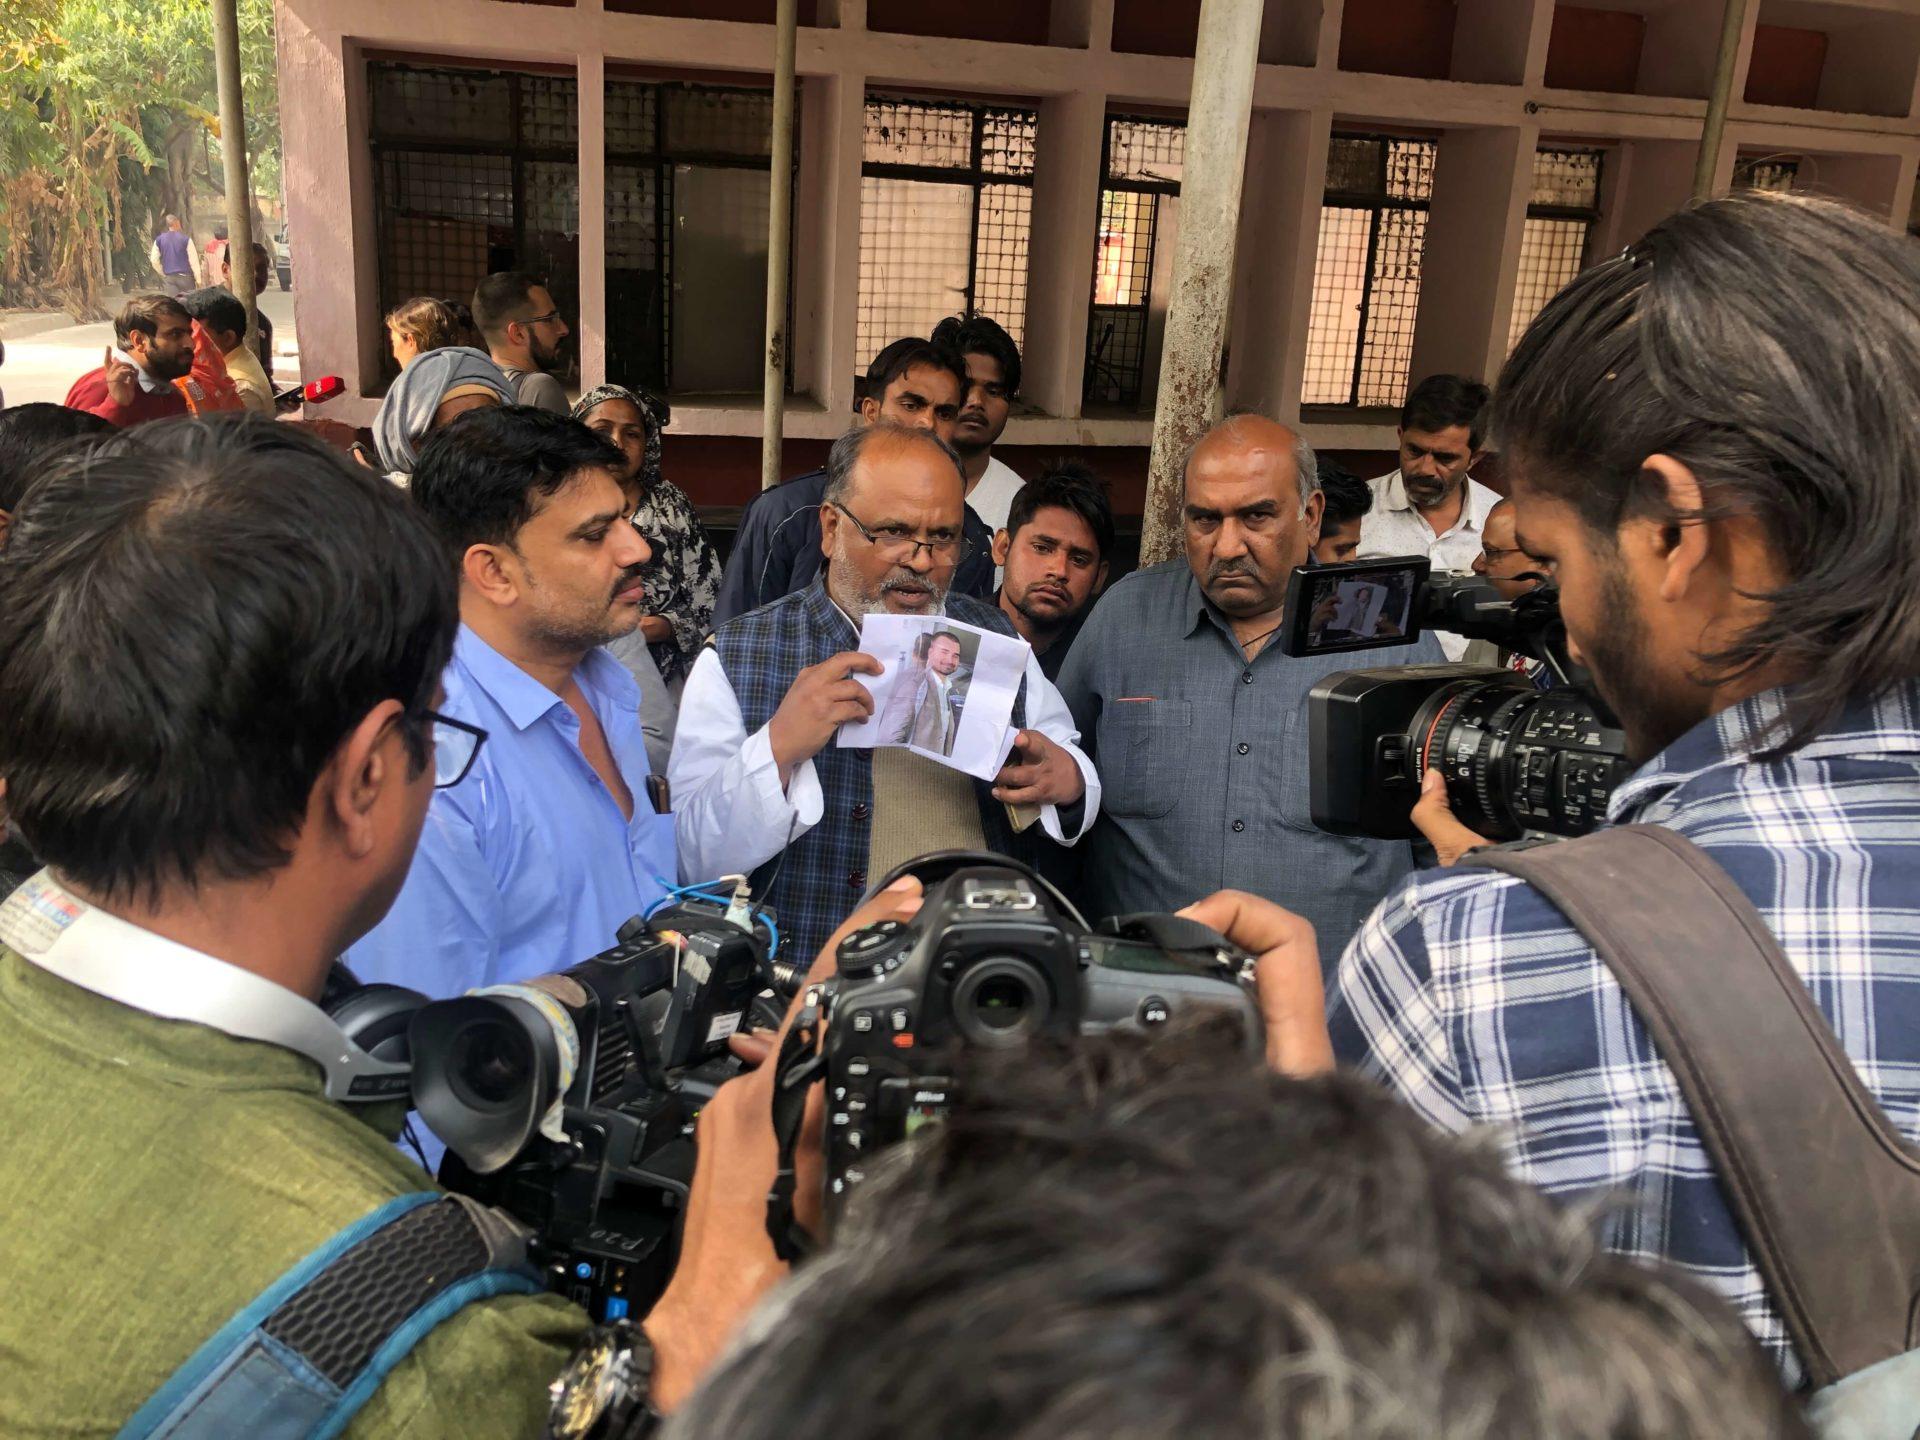 新德里騷亂:從我的辦公室看見印度教民族主義